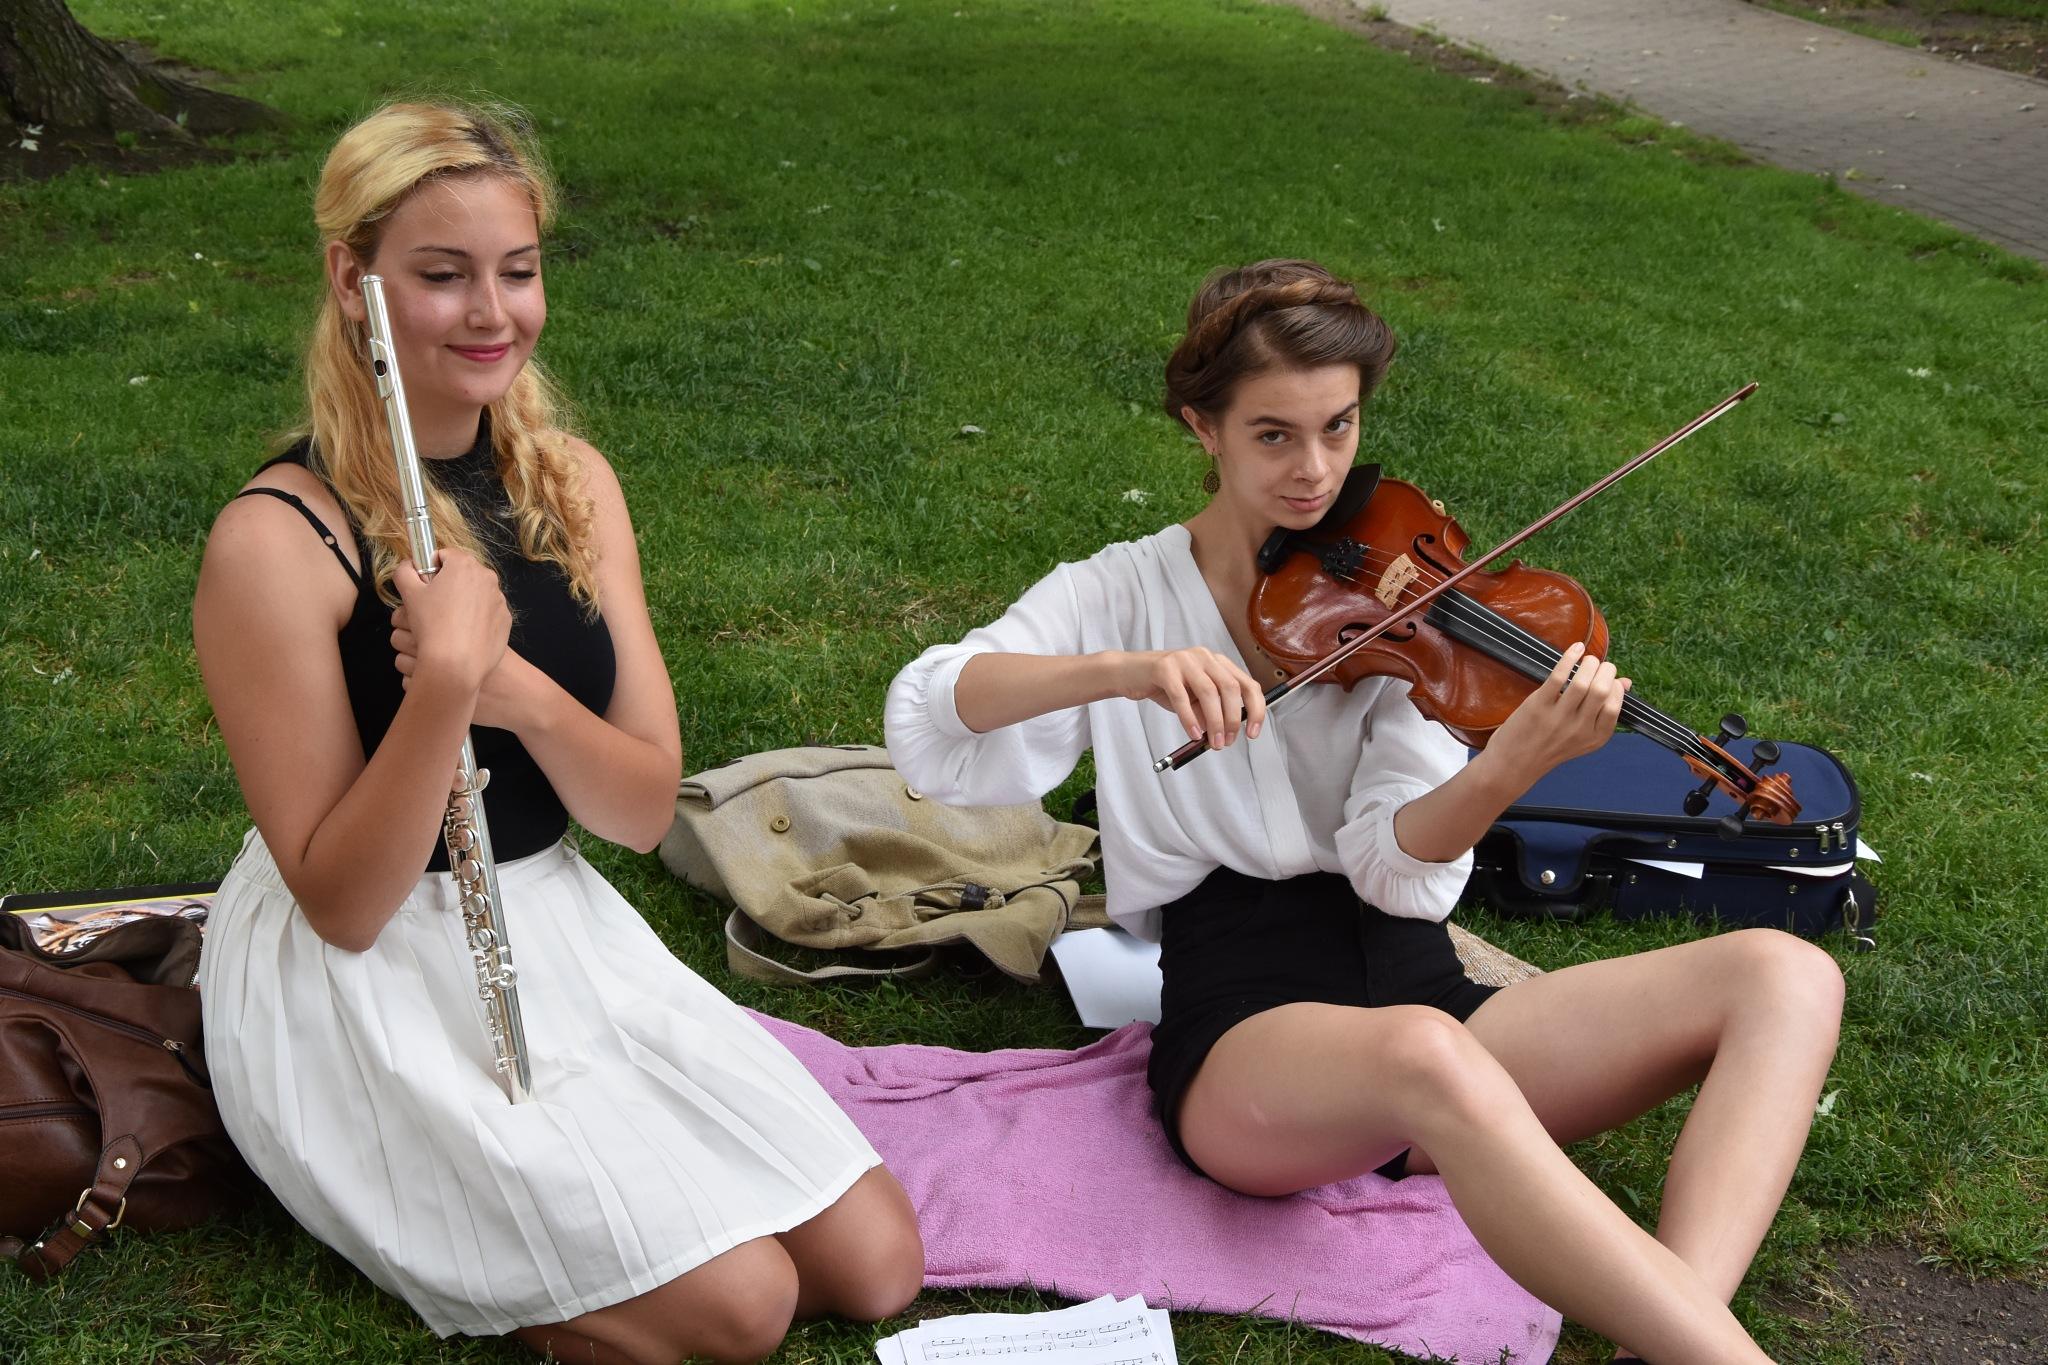 Prague Girls musicians violin & flute by og_IMX